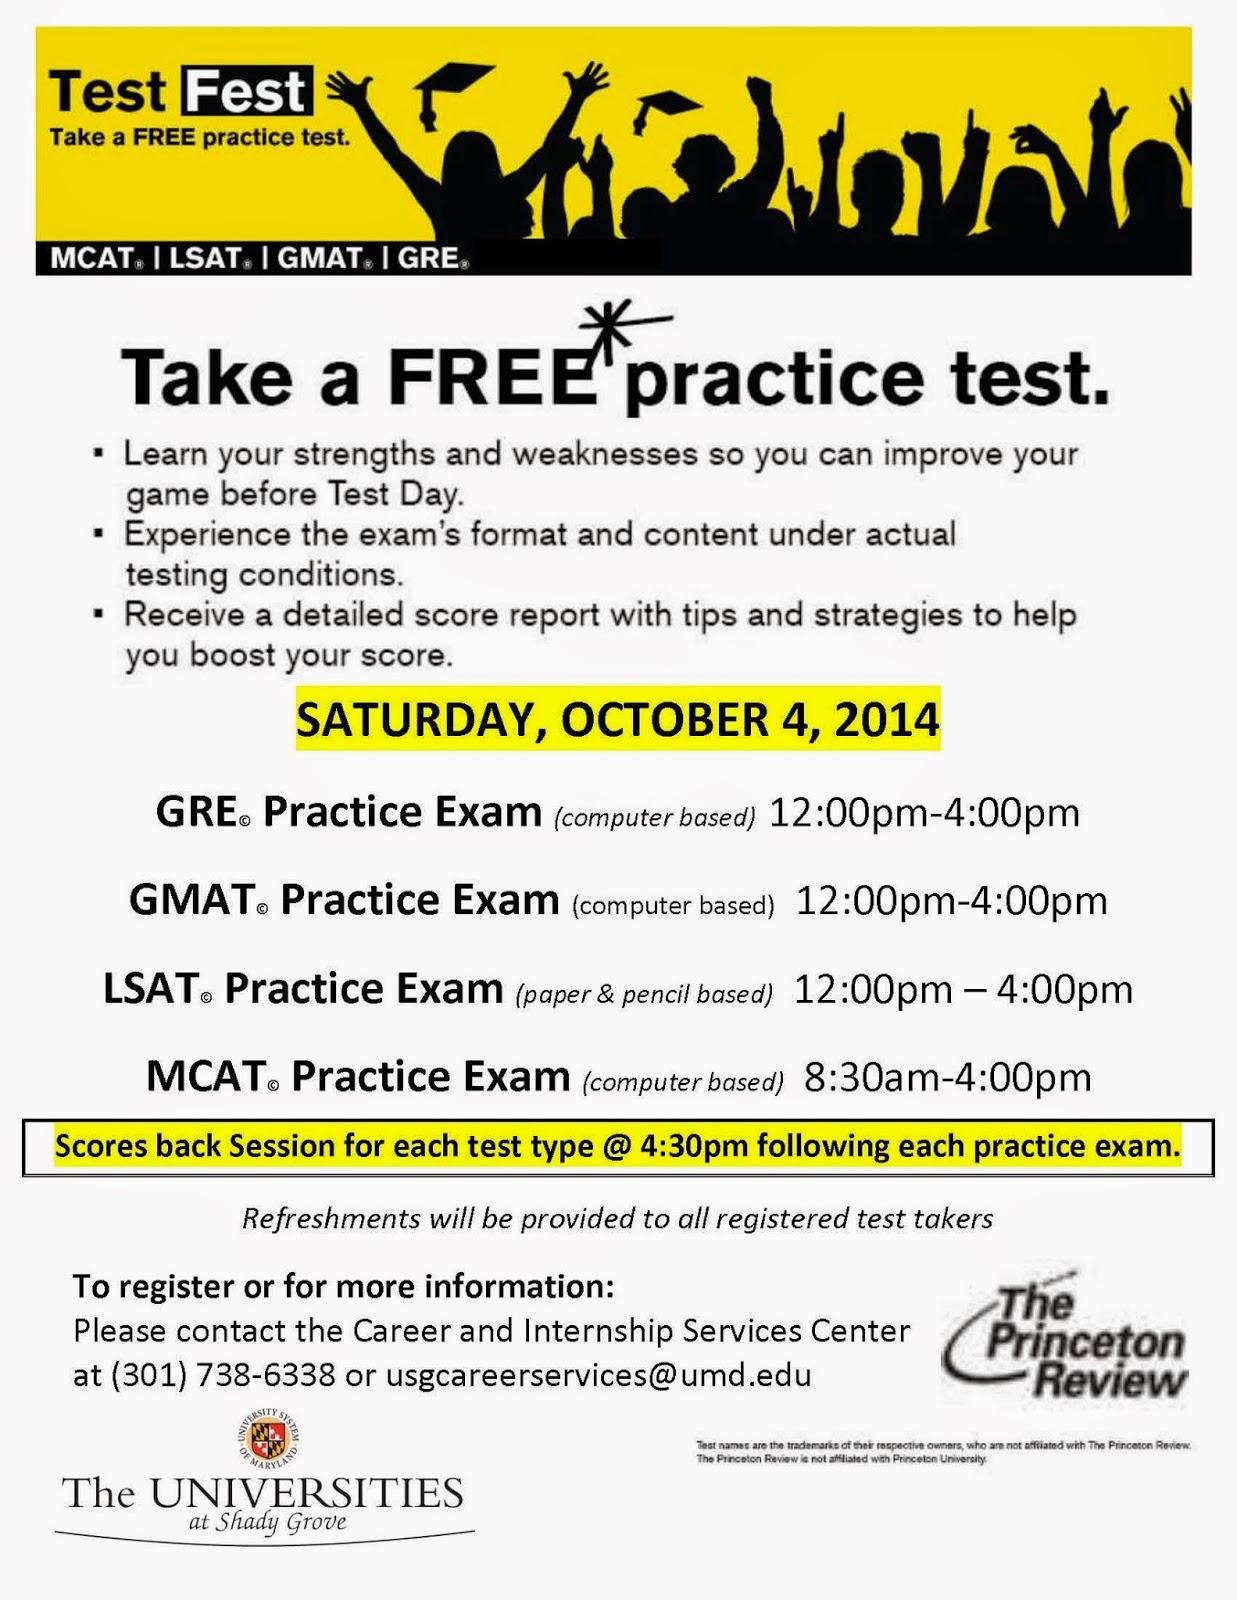 ccjs usg news and updates practice tests mcat gmat lsat students can register and obtain additional information though career internship services center 301 738 6338 or usgcareerservices umd edu